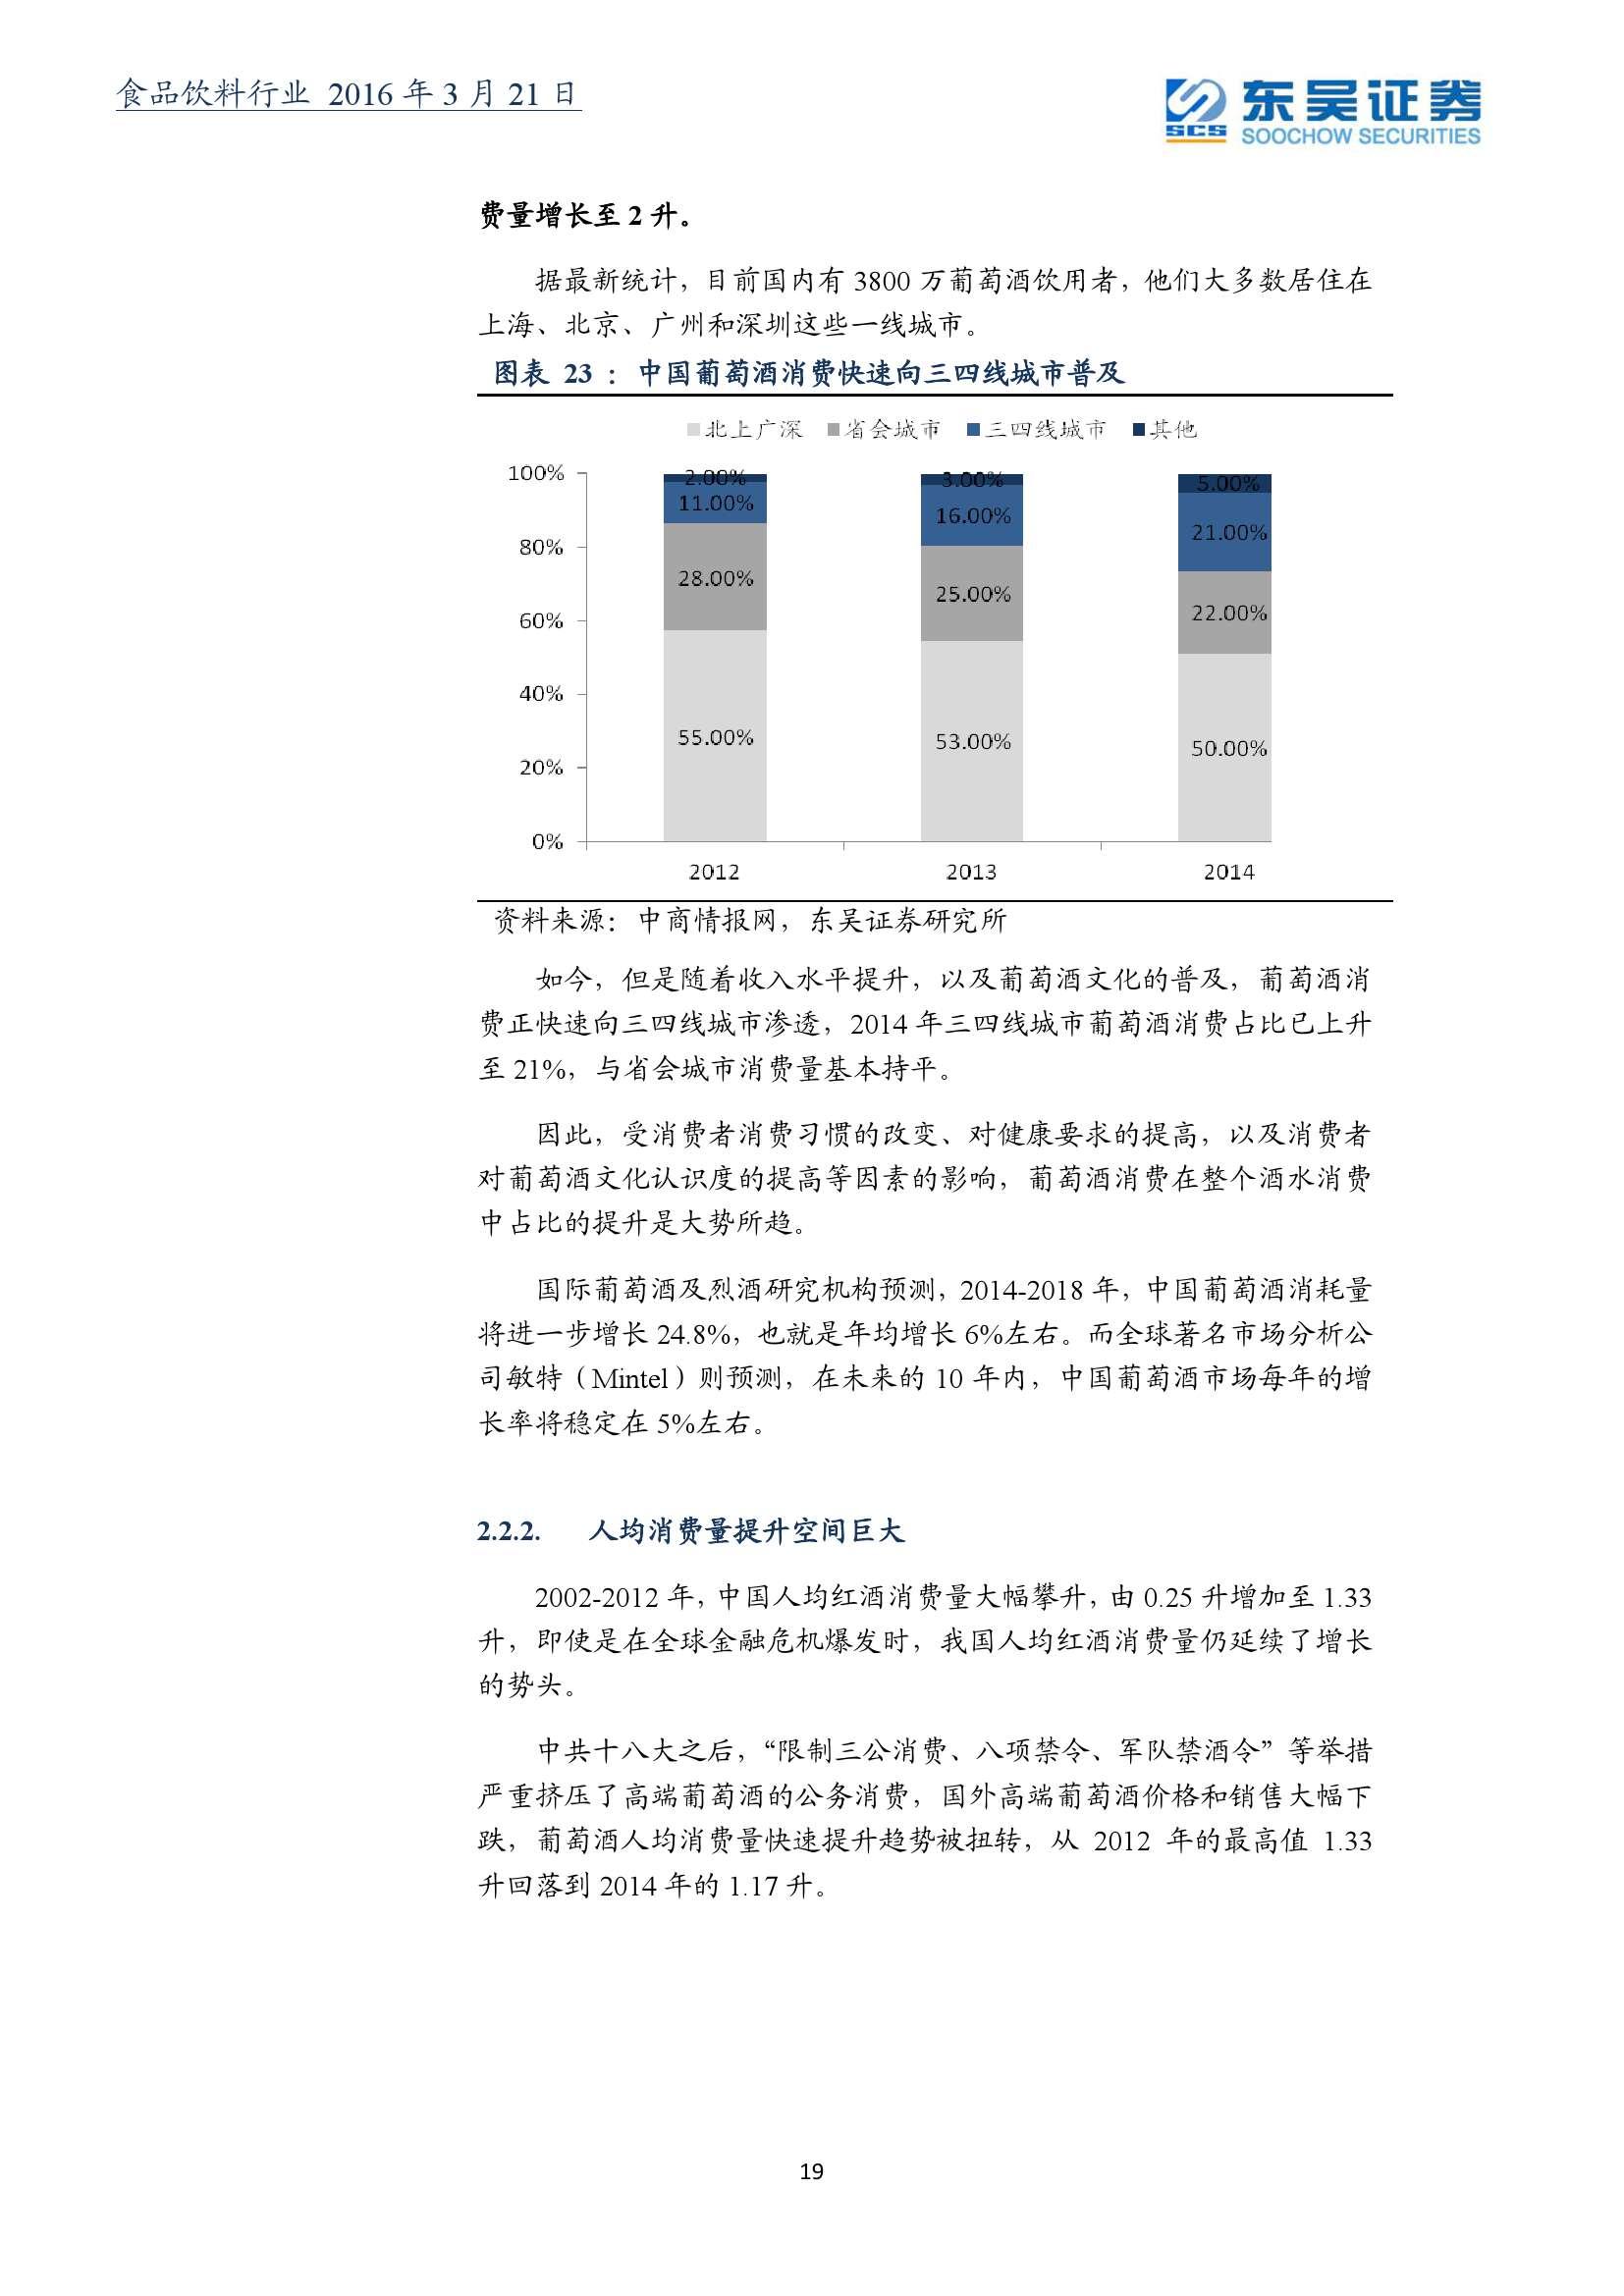 2016年葡萄酒行业深度报告_000019